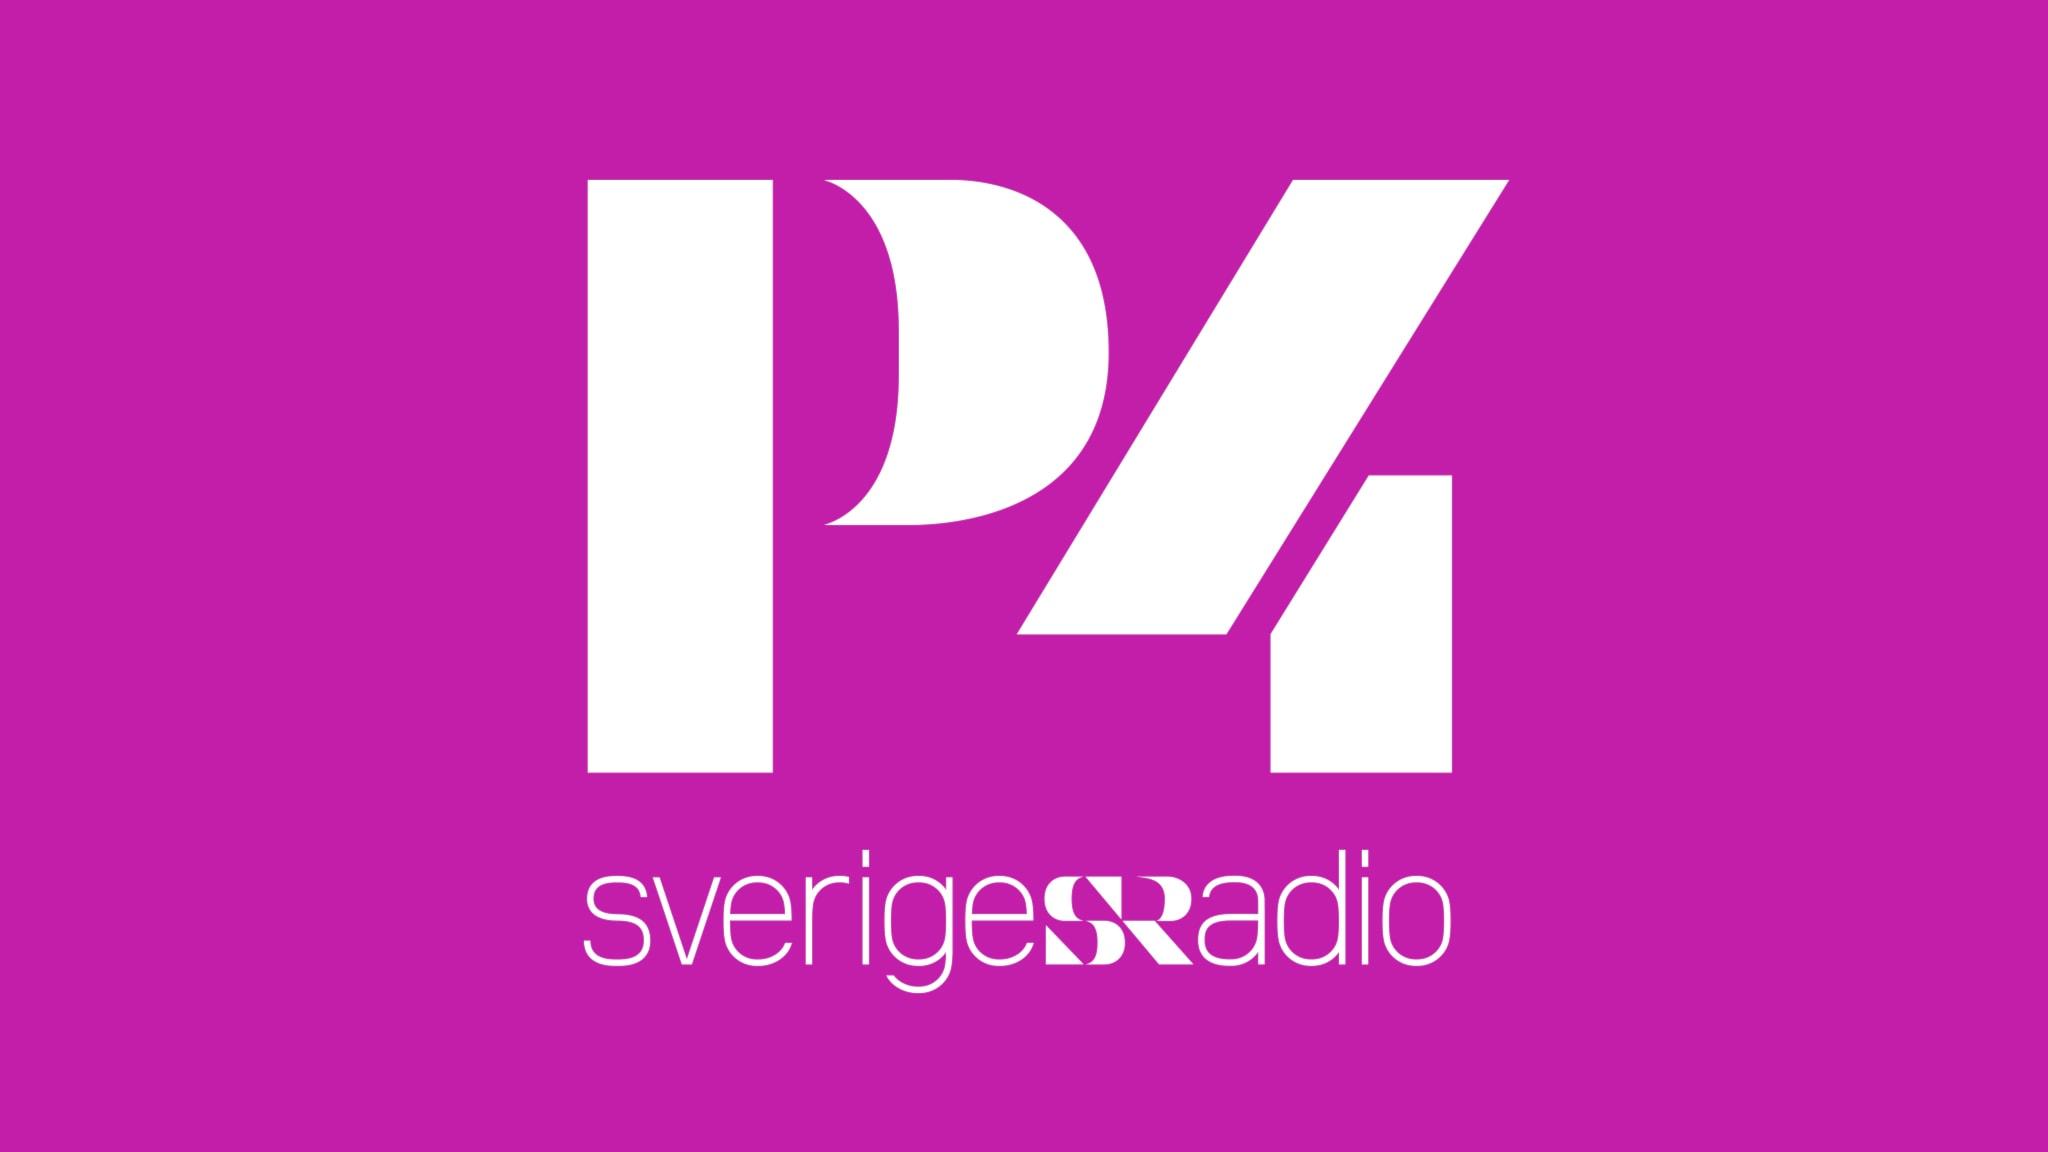 Trafik P4 Göteborg 20180706 08.34 (00.39)